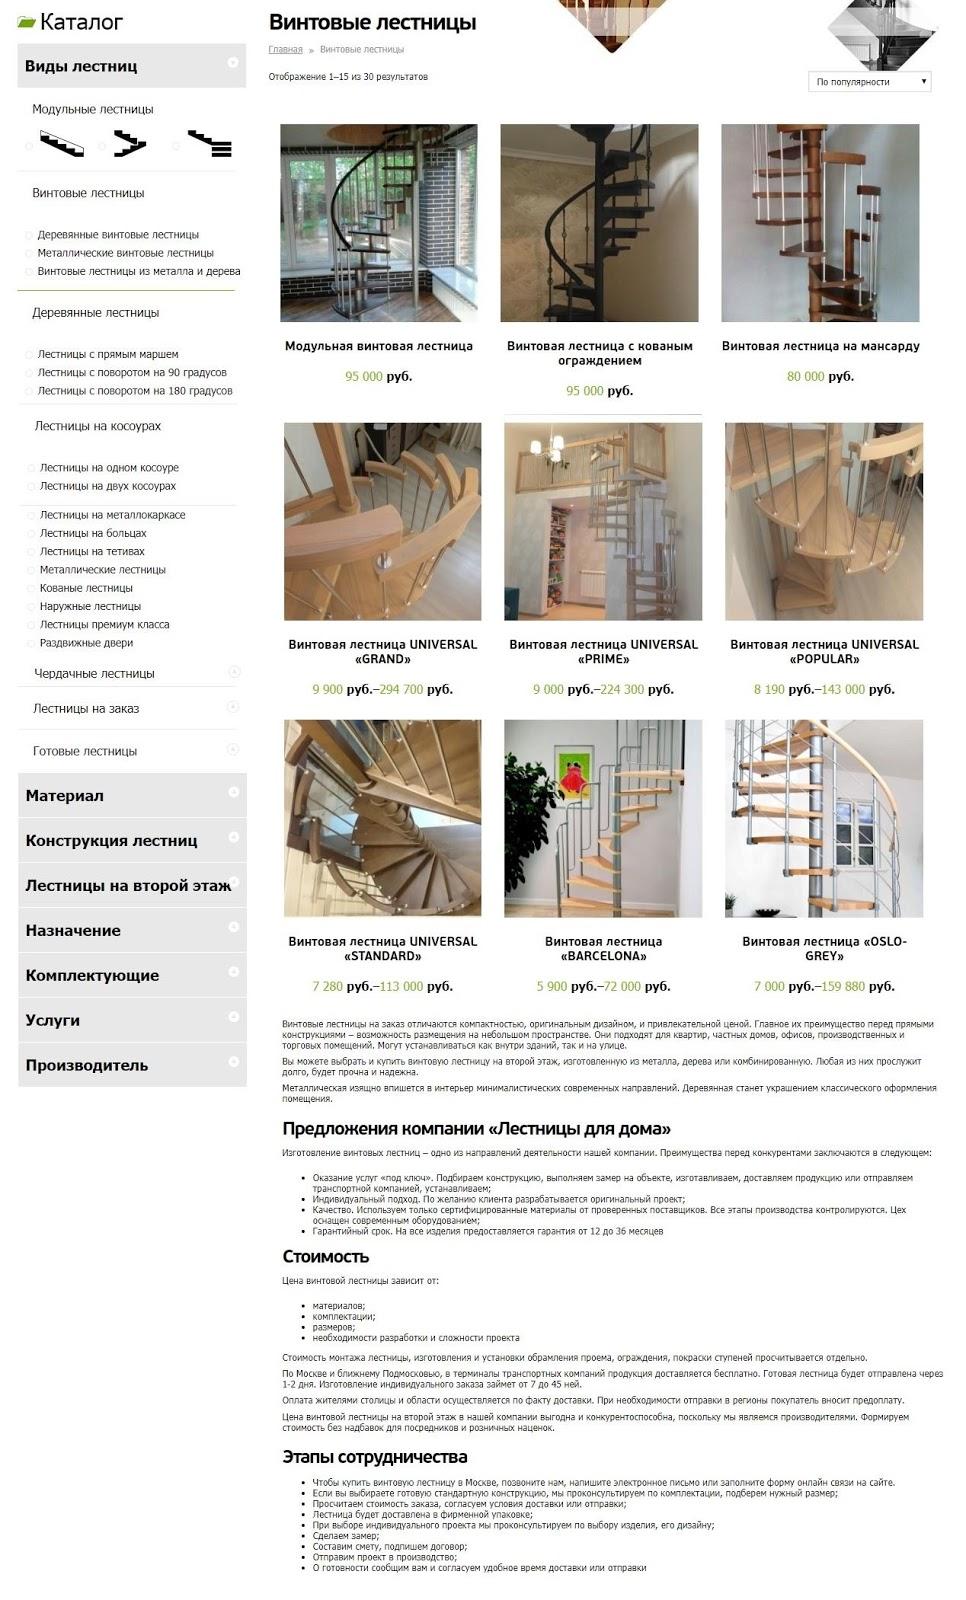 Страница каталога с SEO-текстом